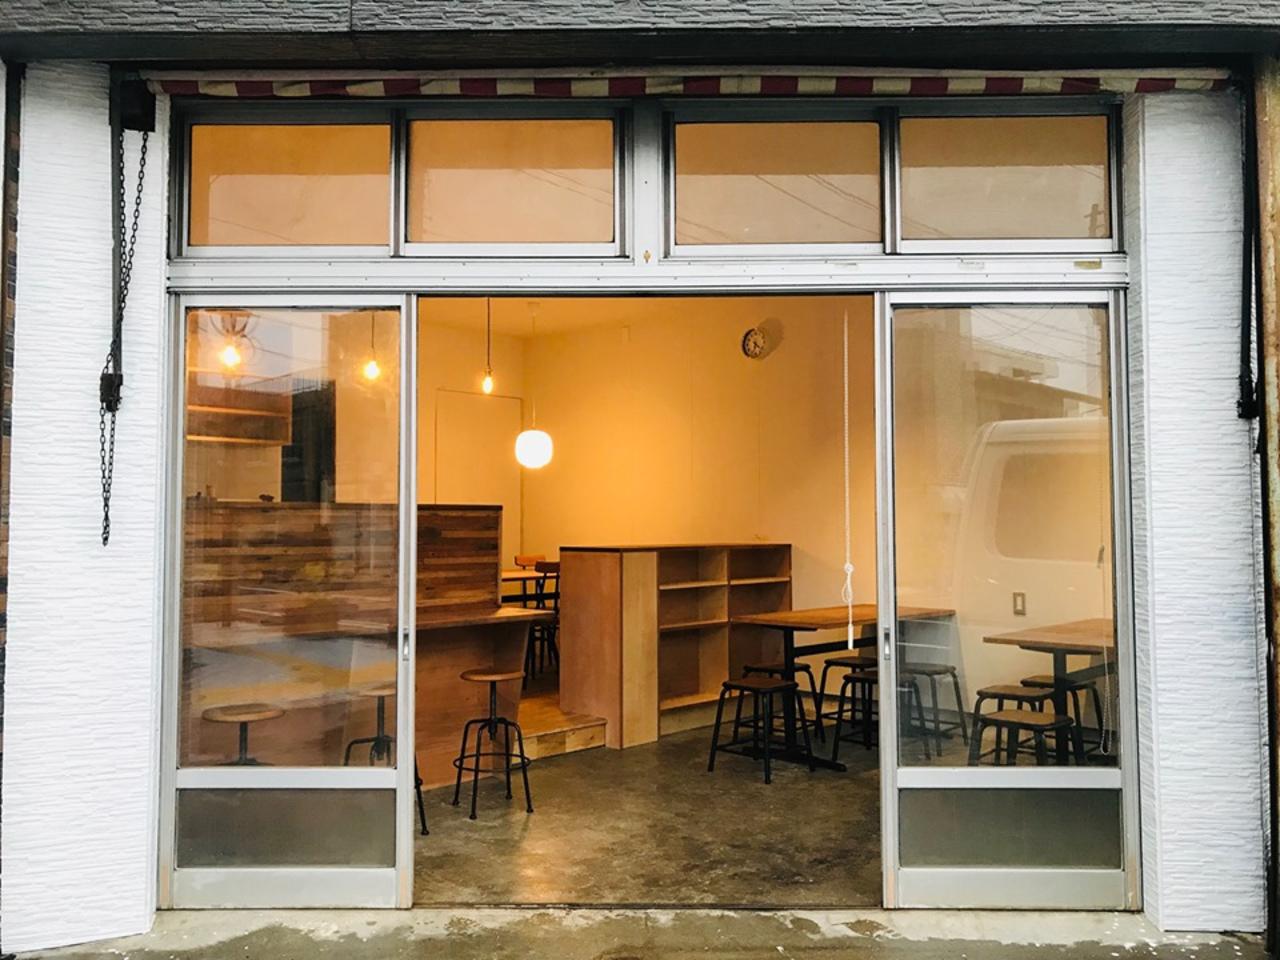 いろいろ実験...鹿児島県出水市の本町通り商店街に「すみとカフェ」プレオープン